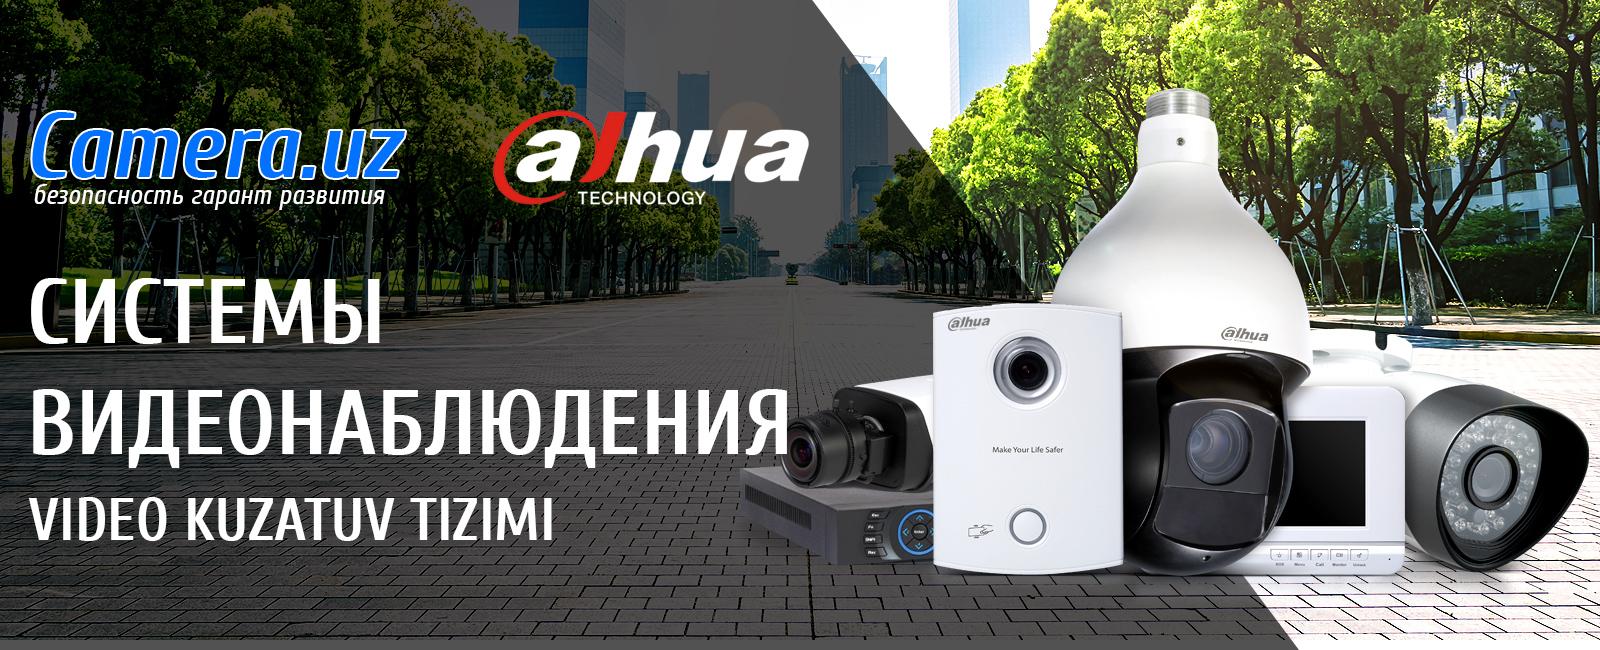 Беспроводные камеры скрытого видеонаблюдения с датчиками движения купить